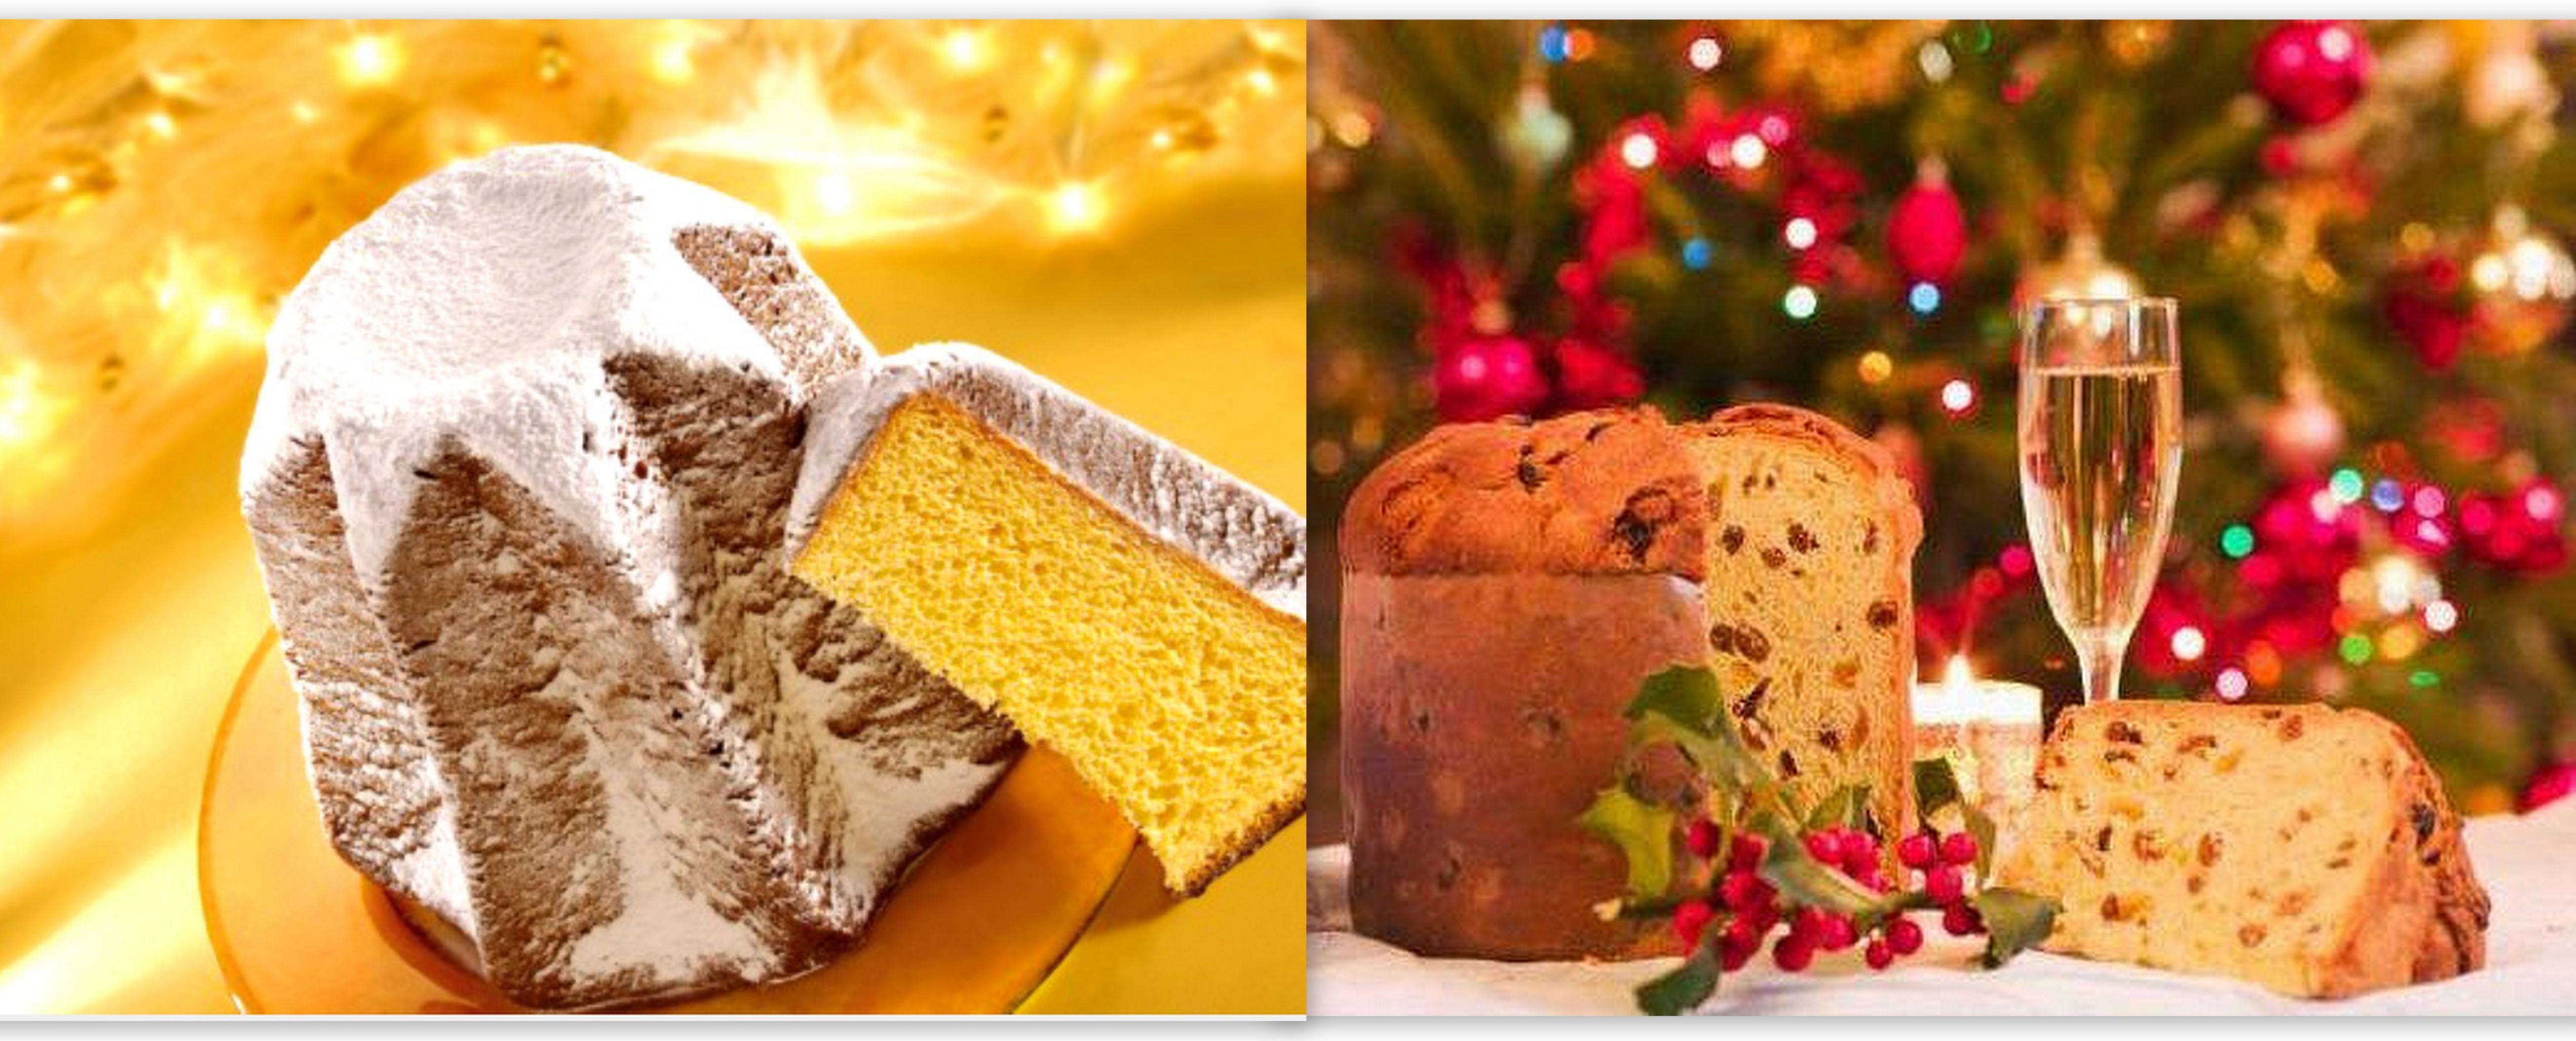 La sfida dei dolci di Natale: meglio il pandoro o il panettone?